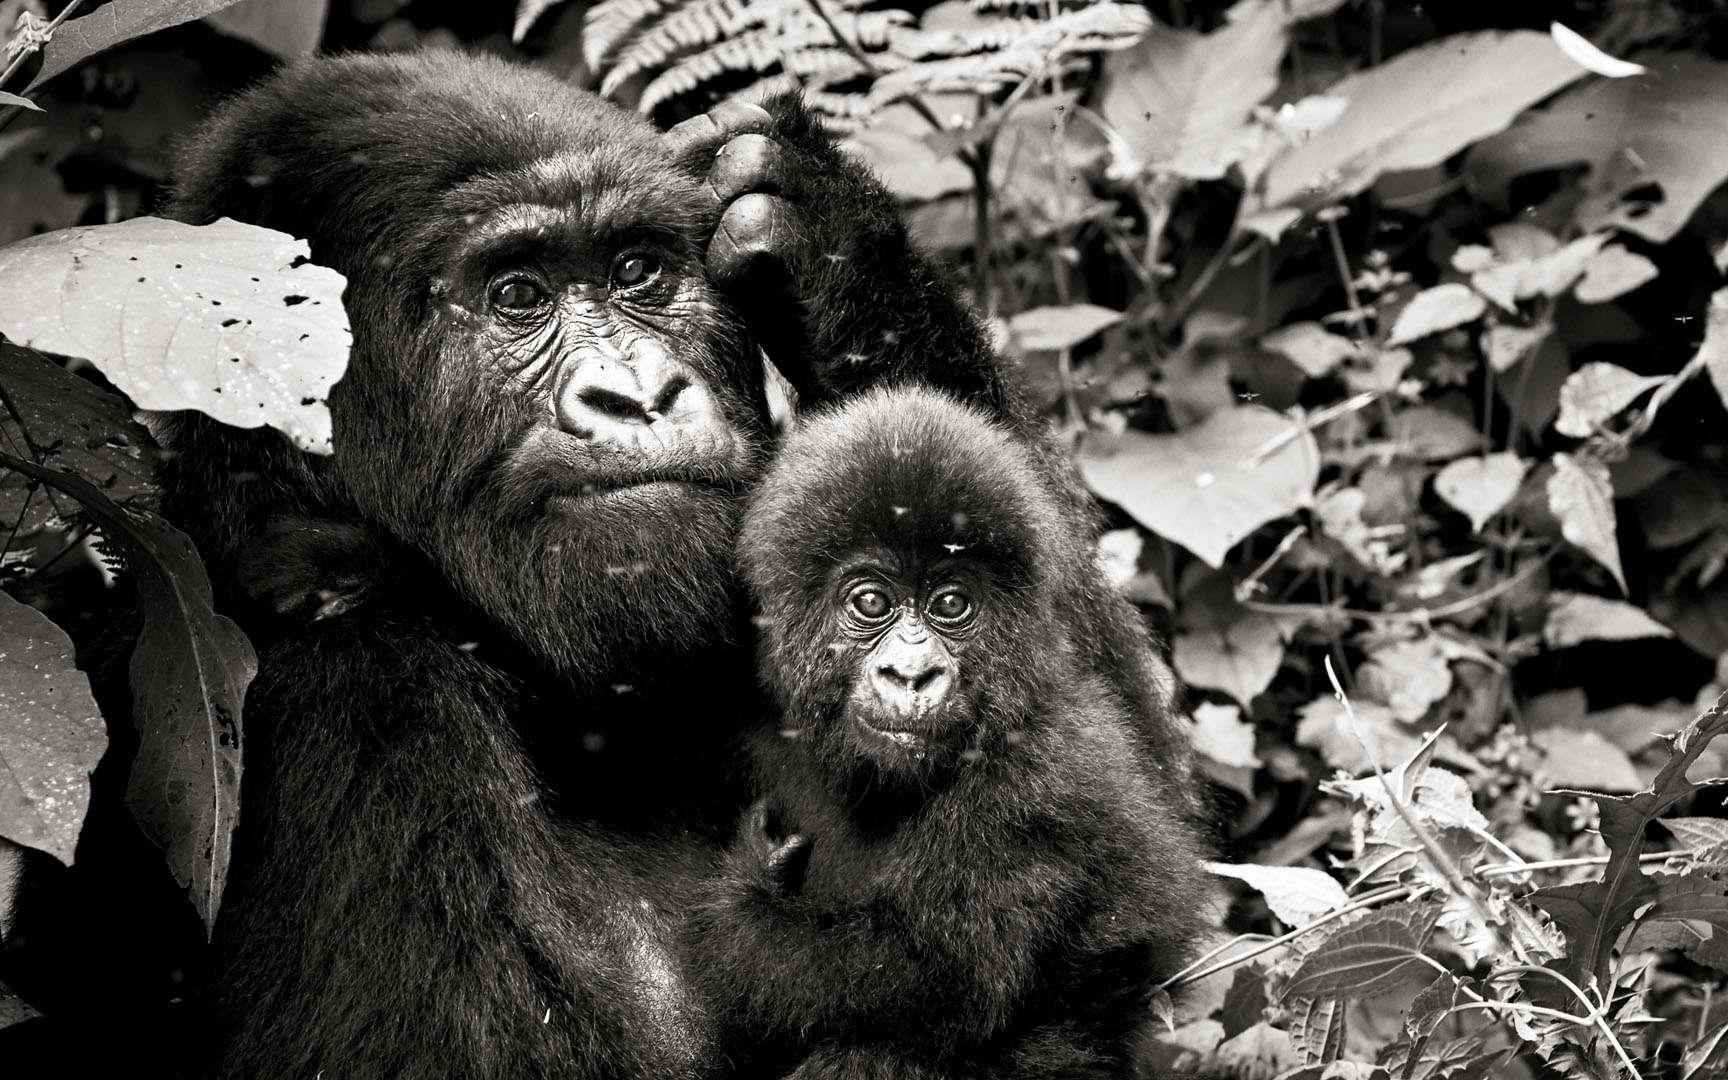 Ce jeune âgé de 6 mois environ est un joli symbole de la vitalité actuelle de la population de gorilles de montagne. Dian Fossey est l'une des premières à les avoir mis en lumière et les efforts continus de conservation depuis son assassinat en 1985 ont permis à la population de passer d'environ 250 à un peu plus de 1.000 au dernier recensement (2018). C'est un réel succès et c'est actuellement la seule population de grands singes en augmentation. Même si les défis demeurent nombreux, ils sont le symbole qu'une forte mobilisation, à condition que l'on s'en donne les moyens, peut payer.